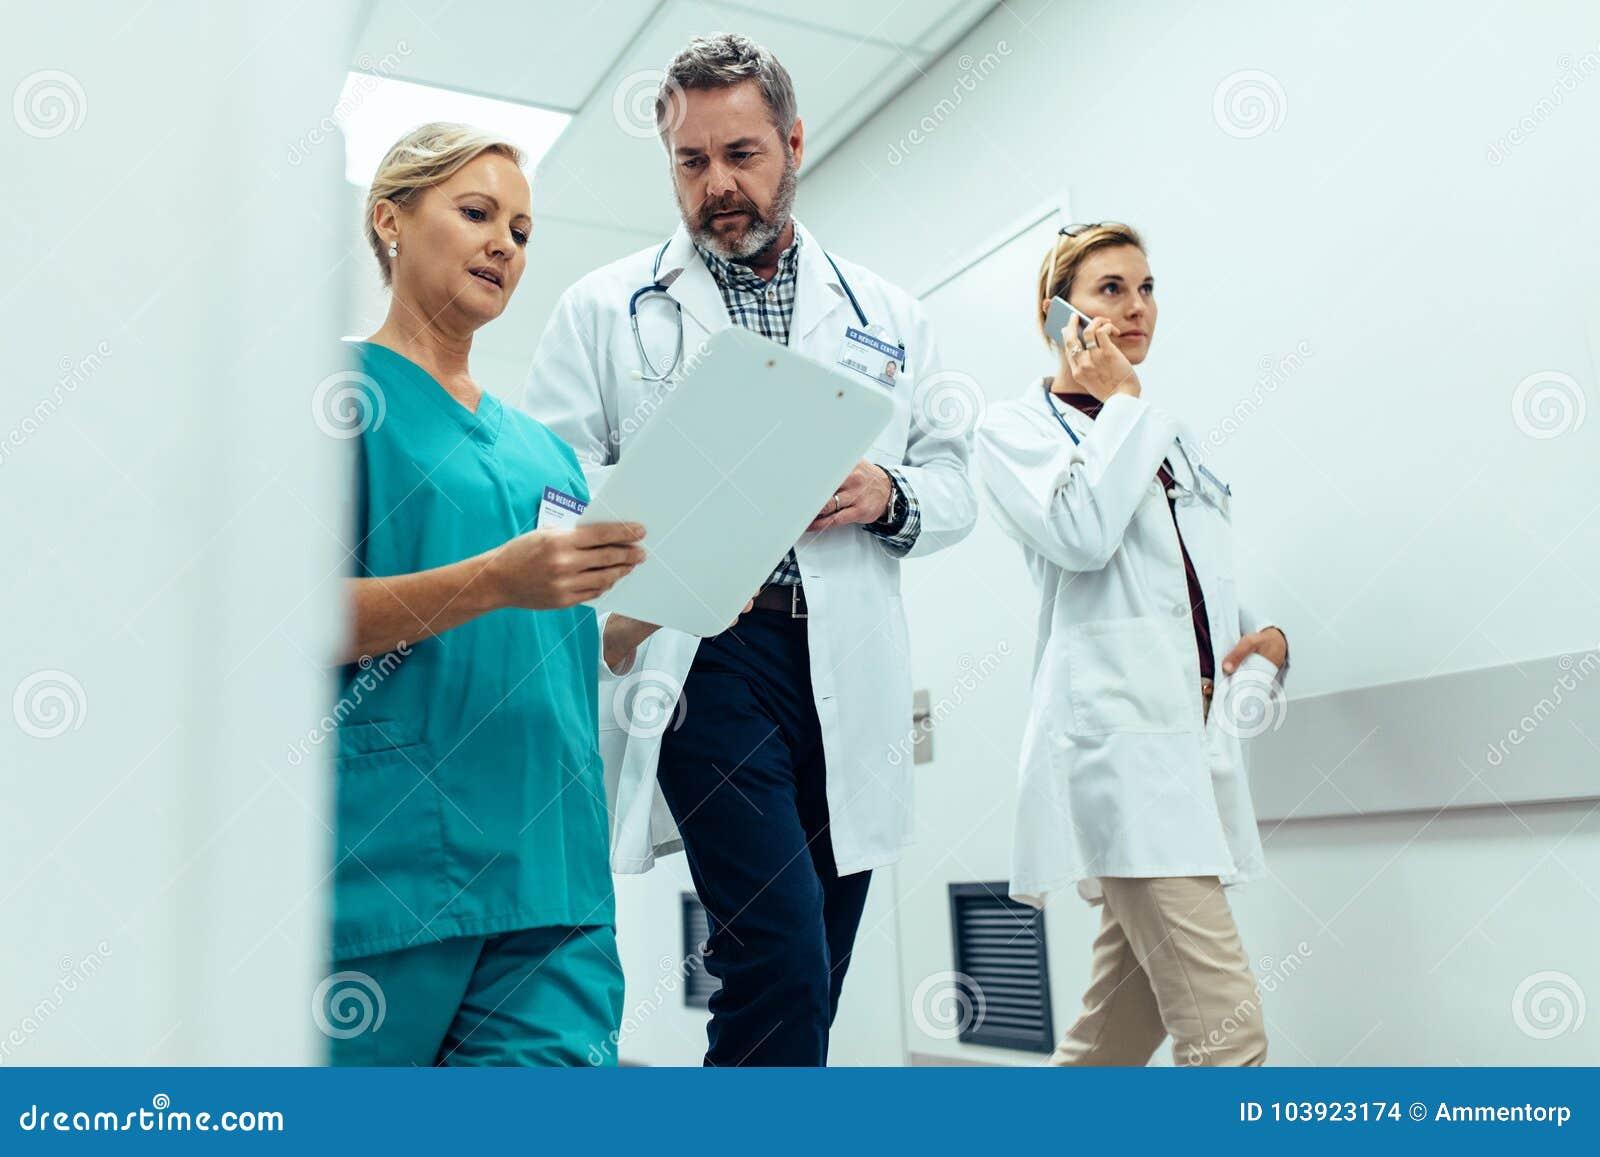 Πολυάσχολο προσωπικό νοσοκομείου που συζητά στο διάδρομο νοσοκομείων